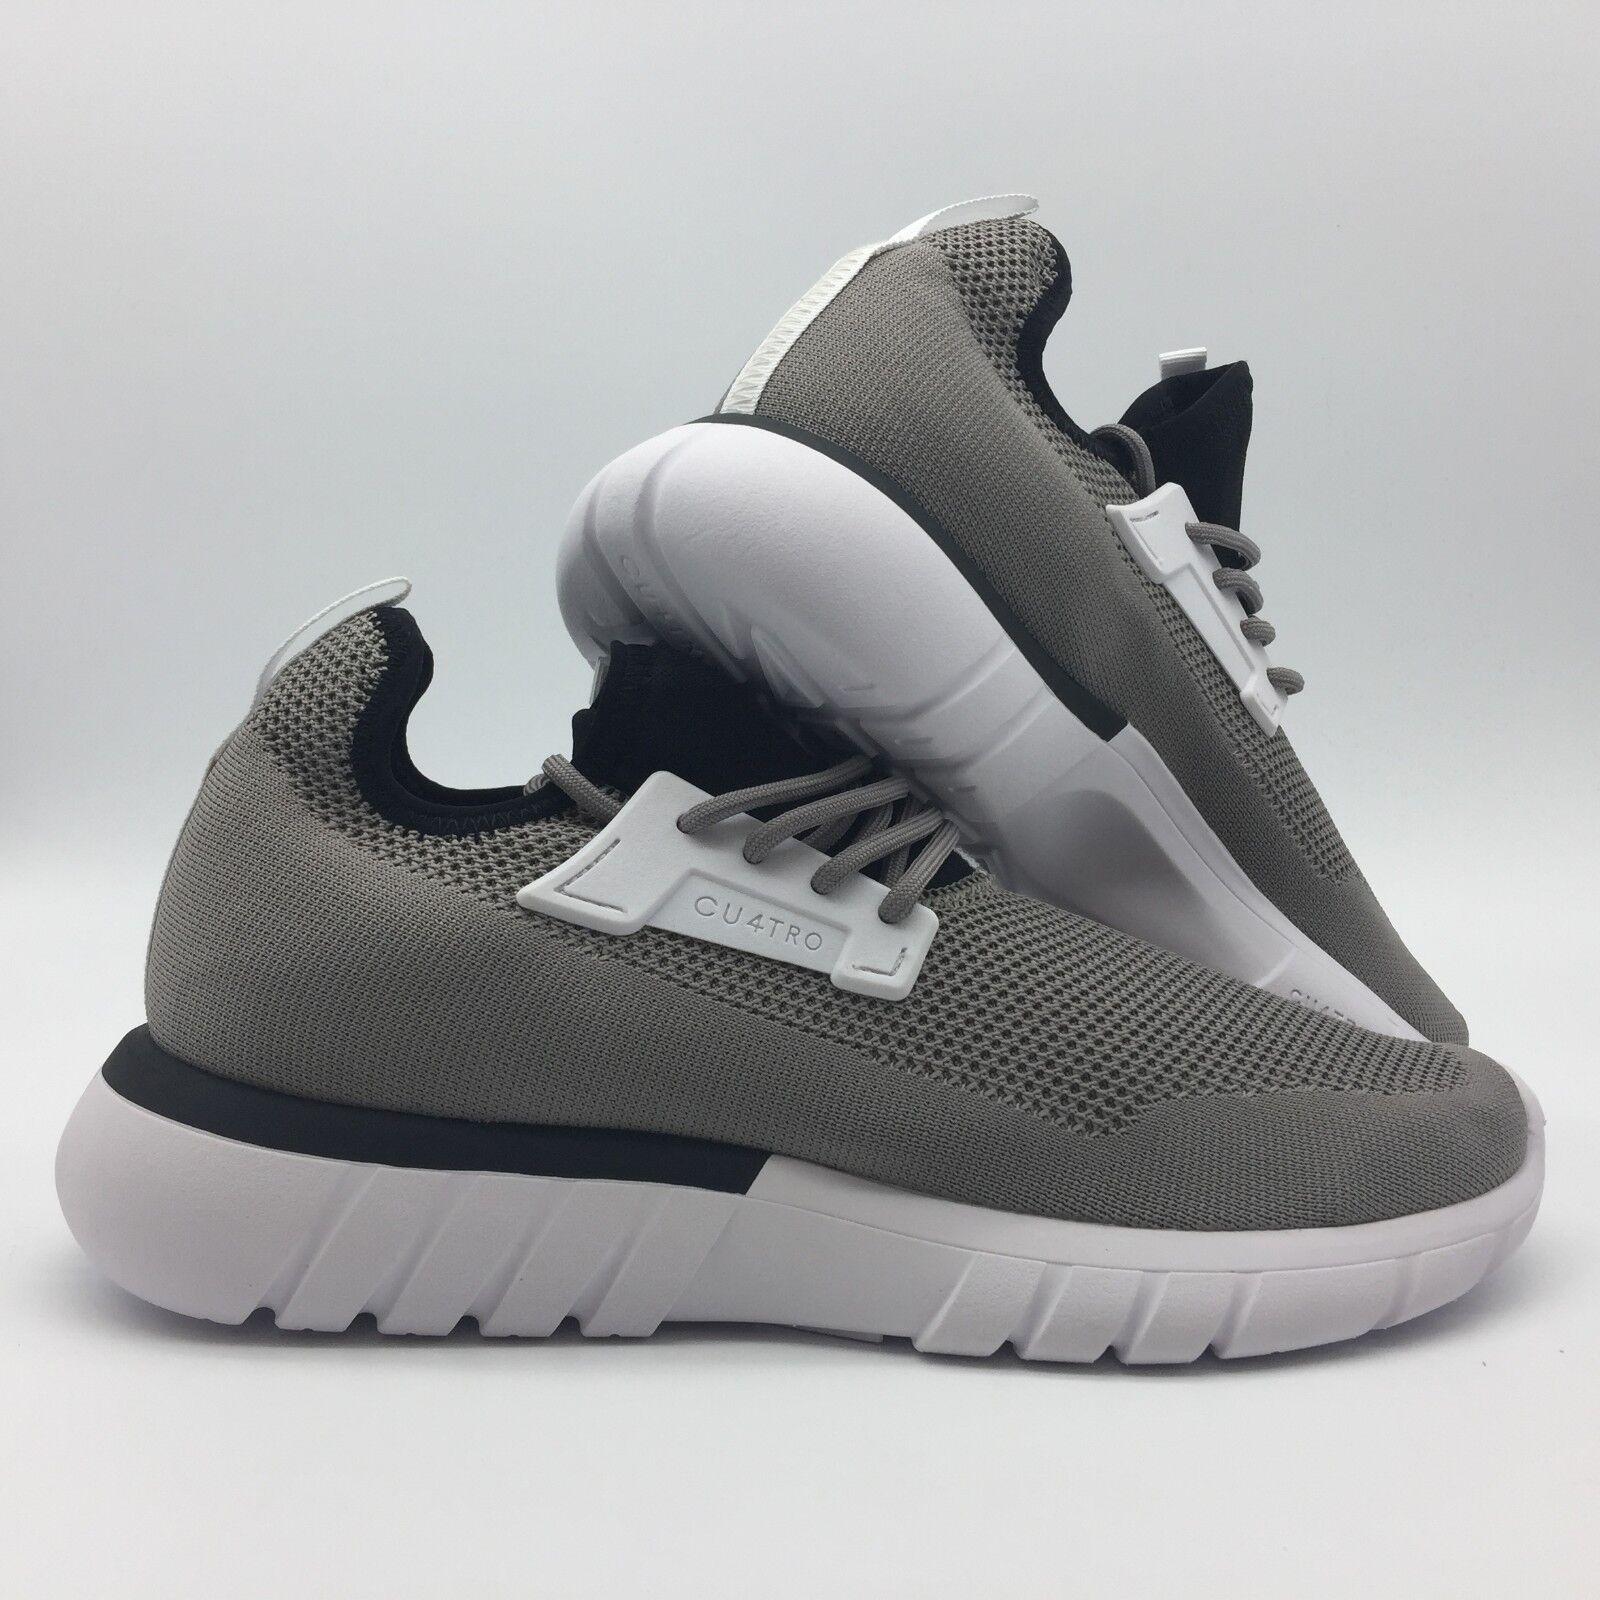 Cu4tro Para hombres Zapatos  anexar  -- Negro de Humo